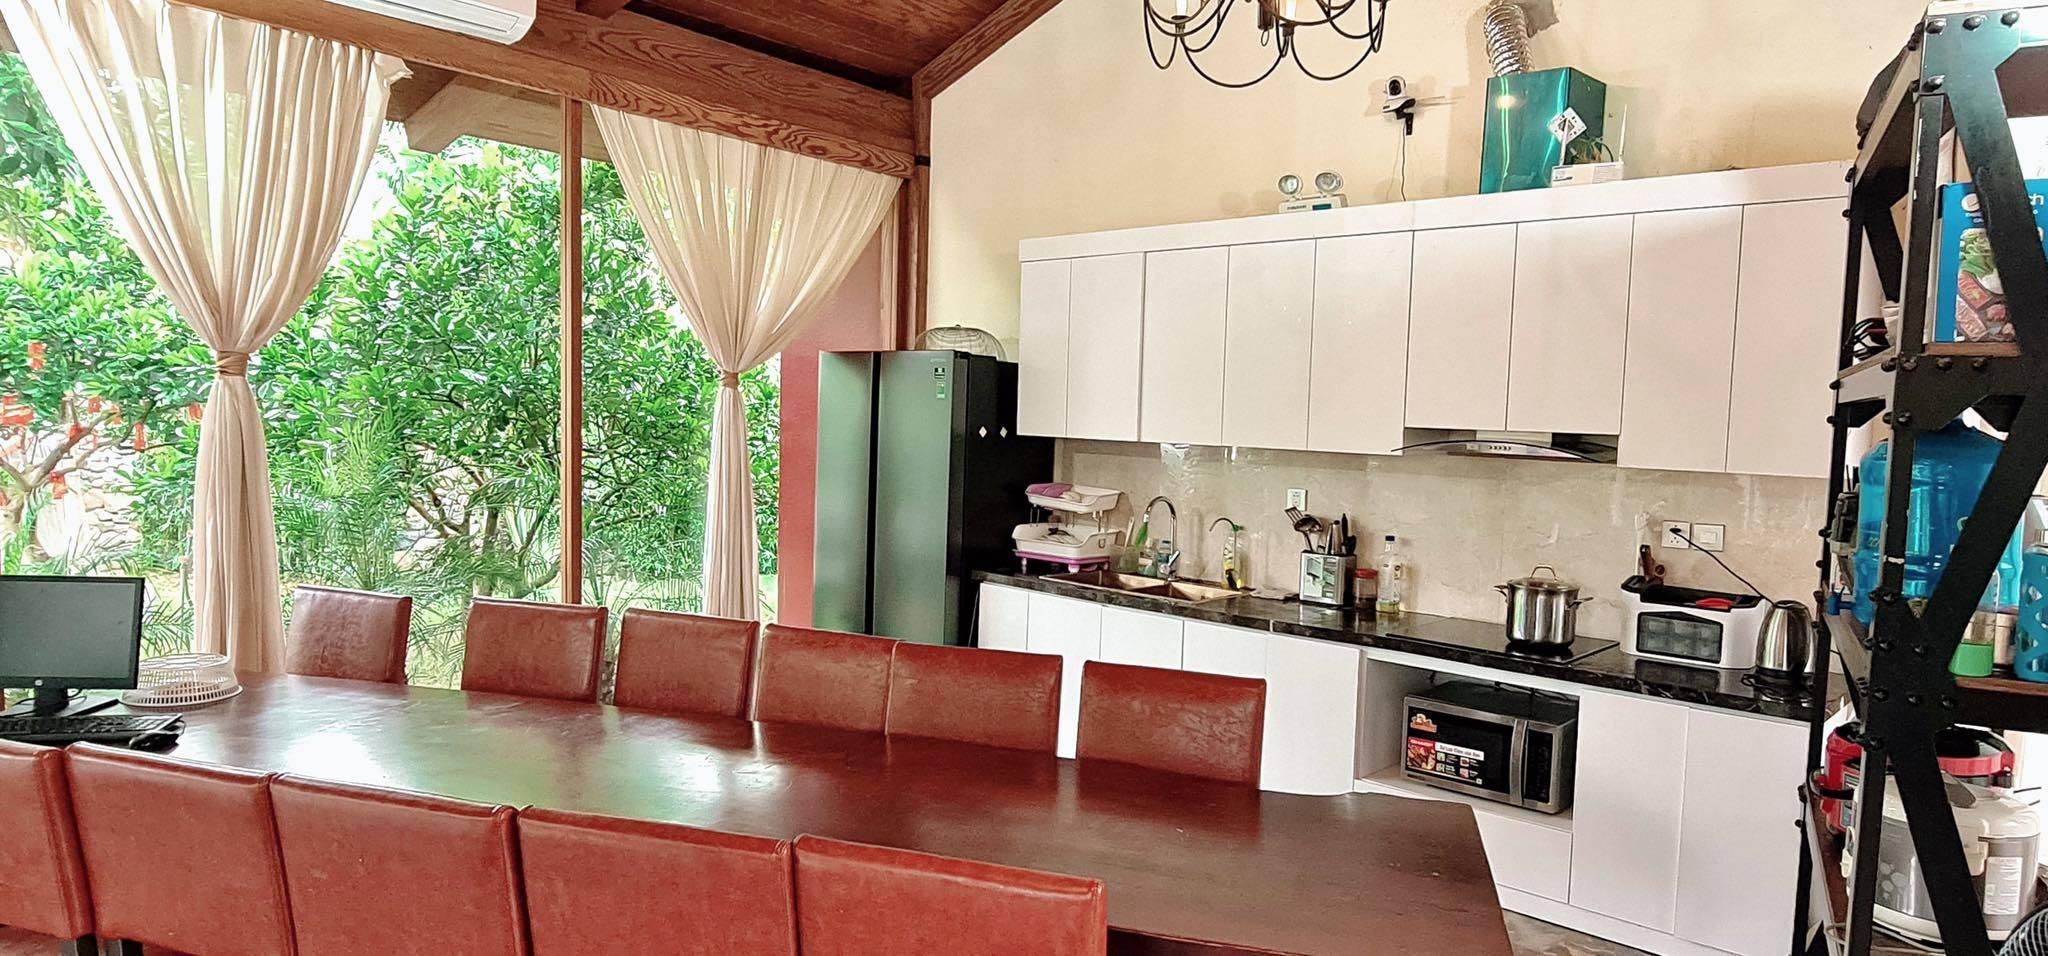 Vợ chồng Hà Nội về ngoại ô xây nhà mái lá, có đủ bể bơi xanh mát-18